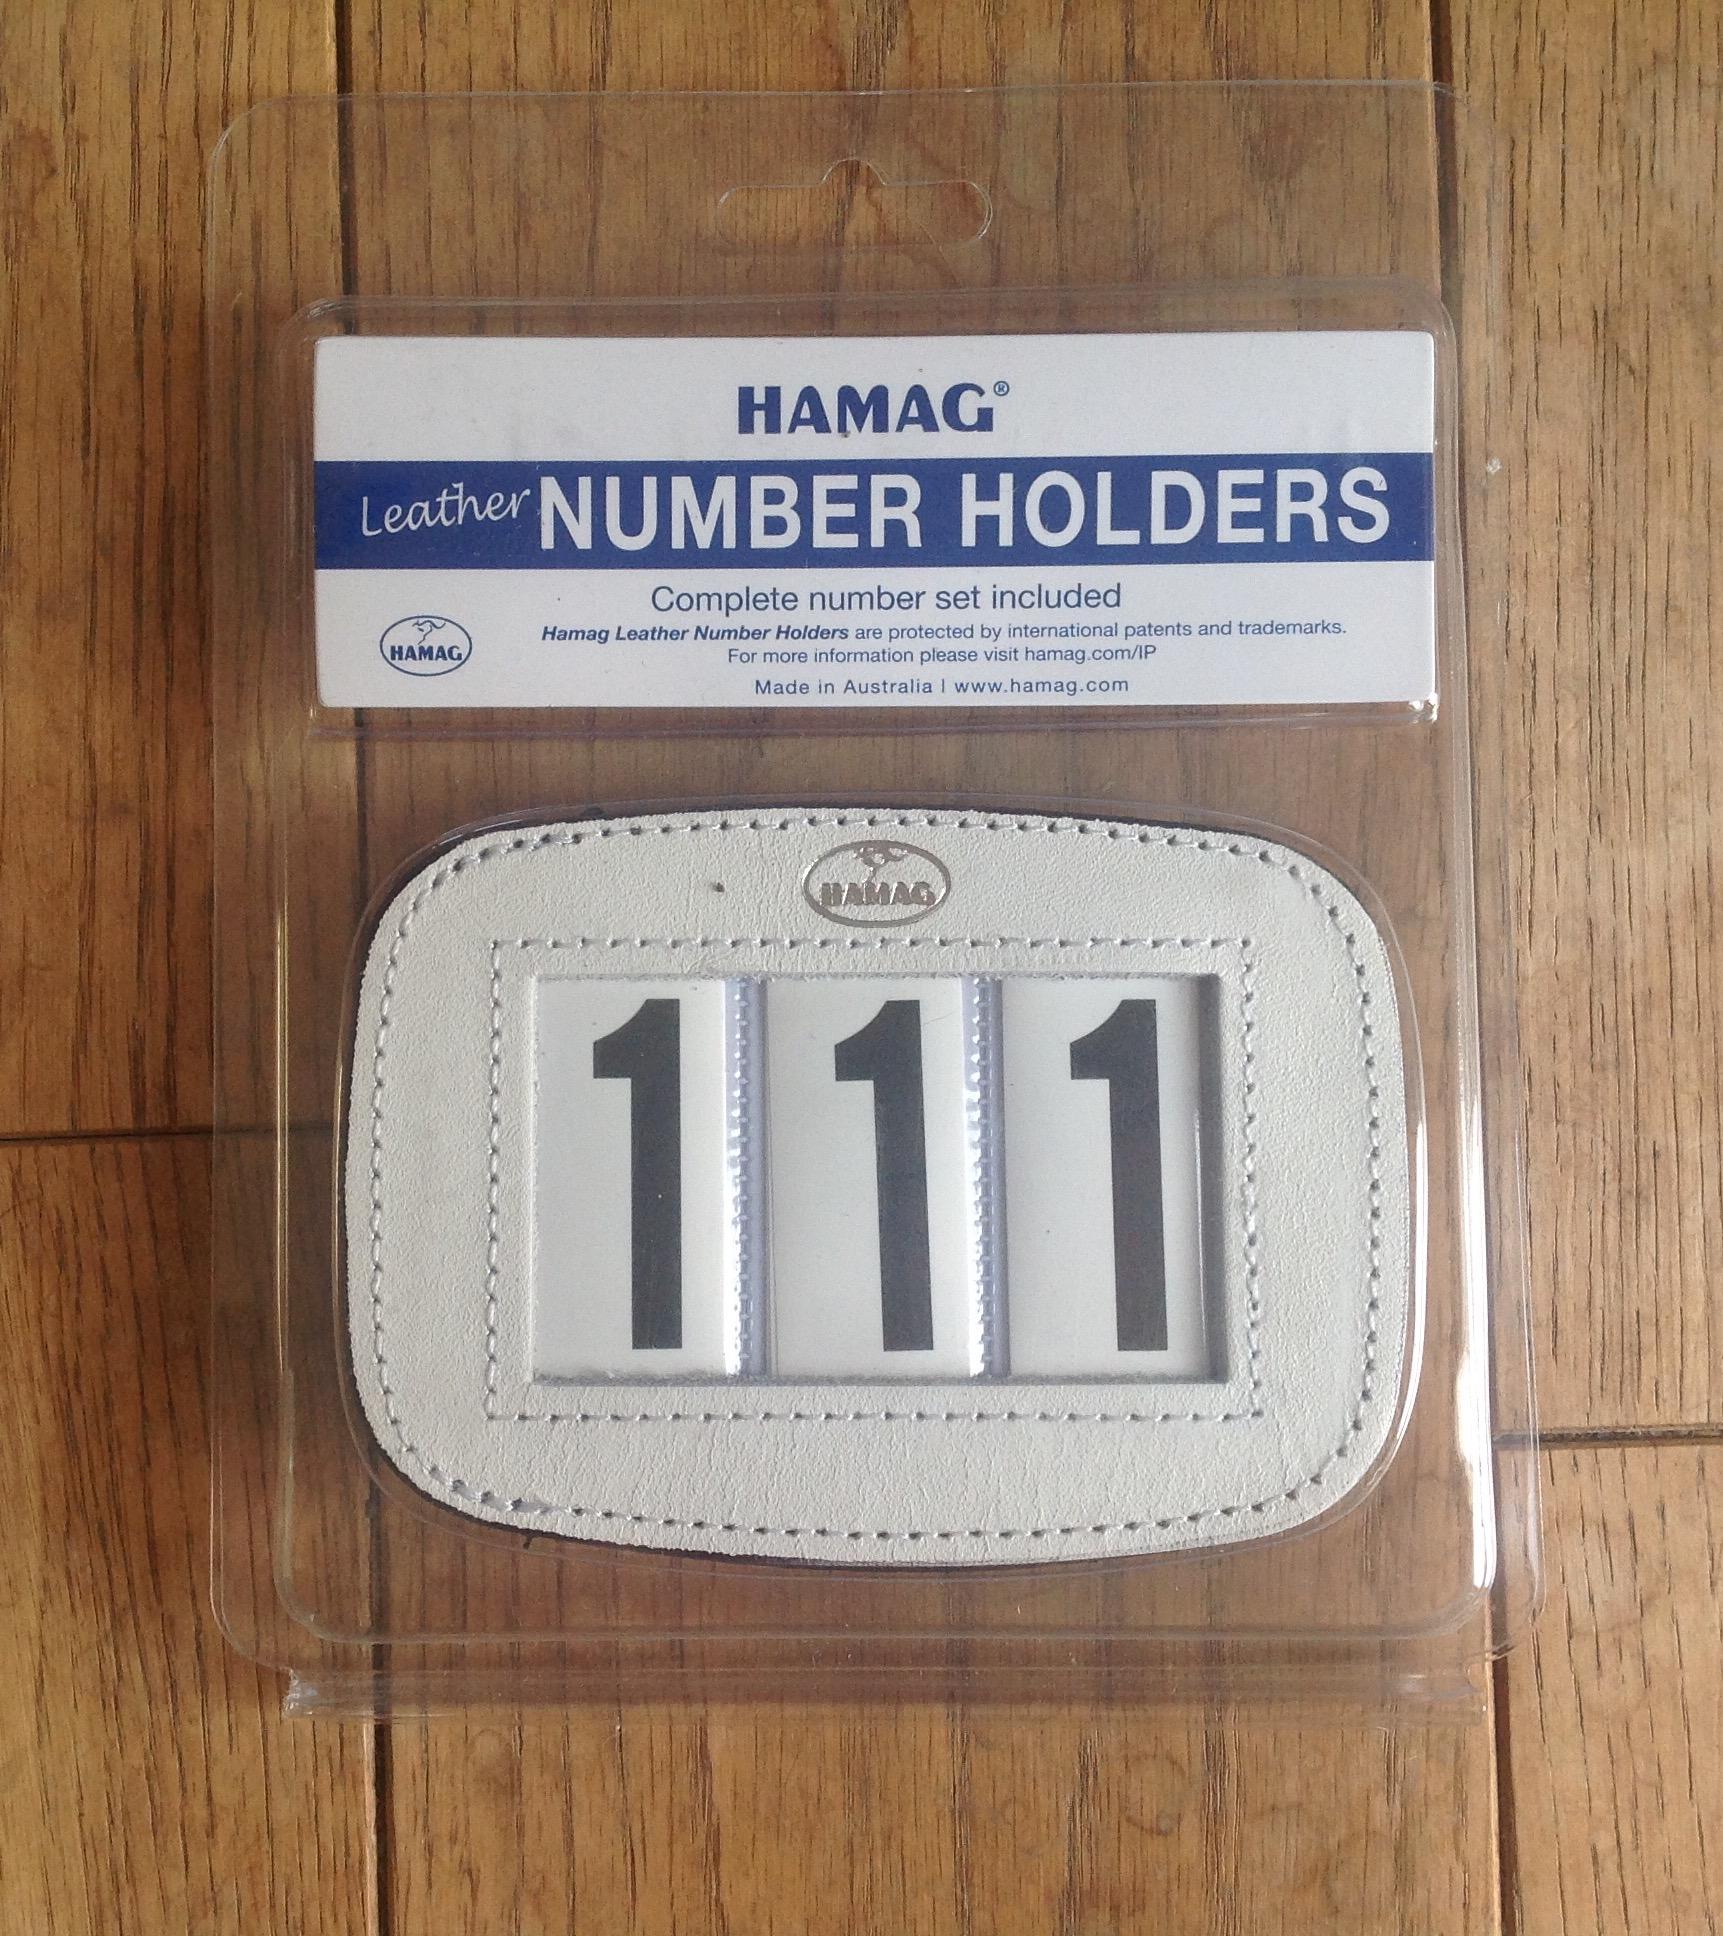 Hamas leather bridle number holder white rectangular